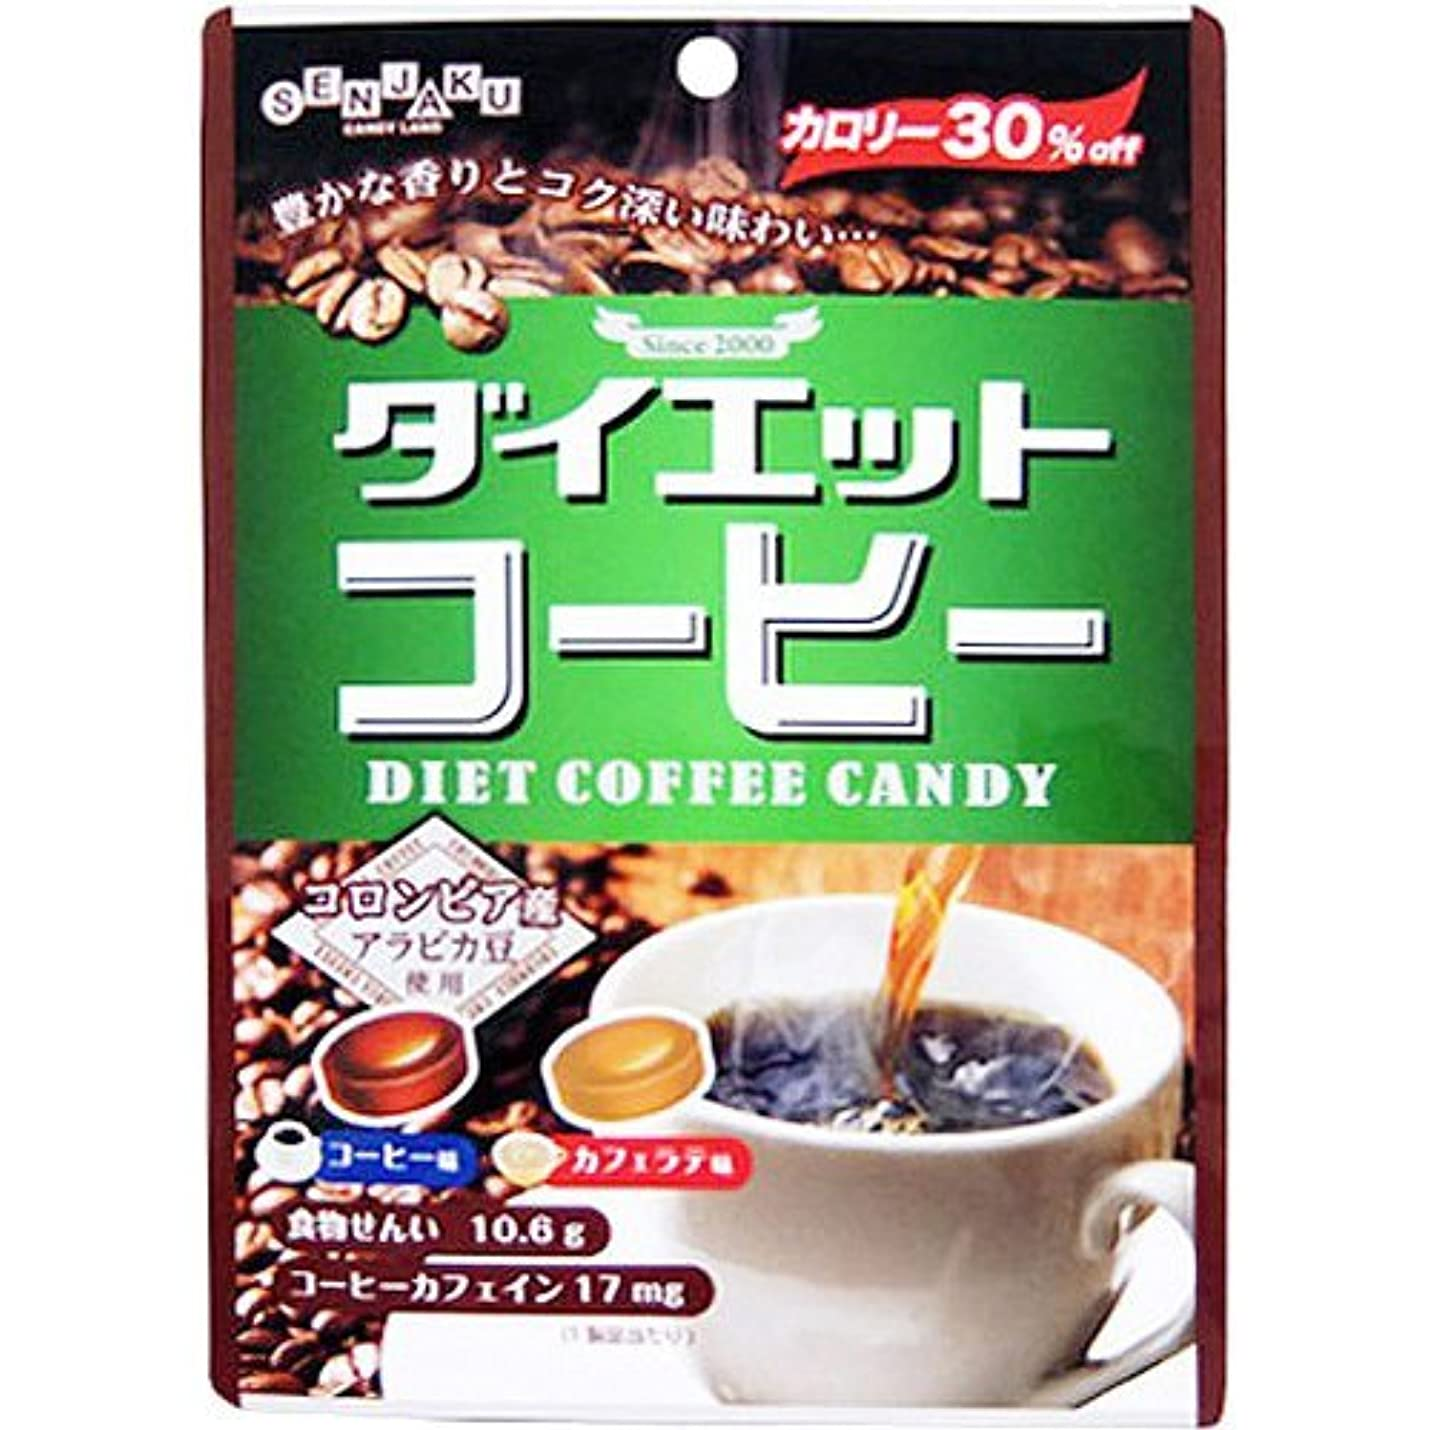 温かい救急車密接に扇雀飴本舗 ダイエットコーヒー 80g